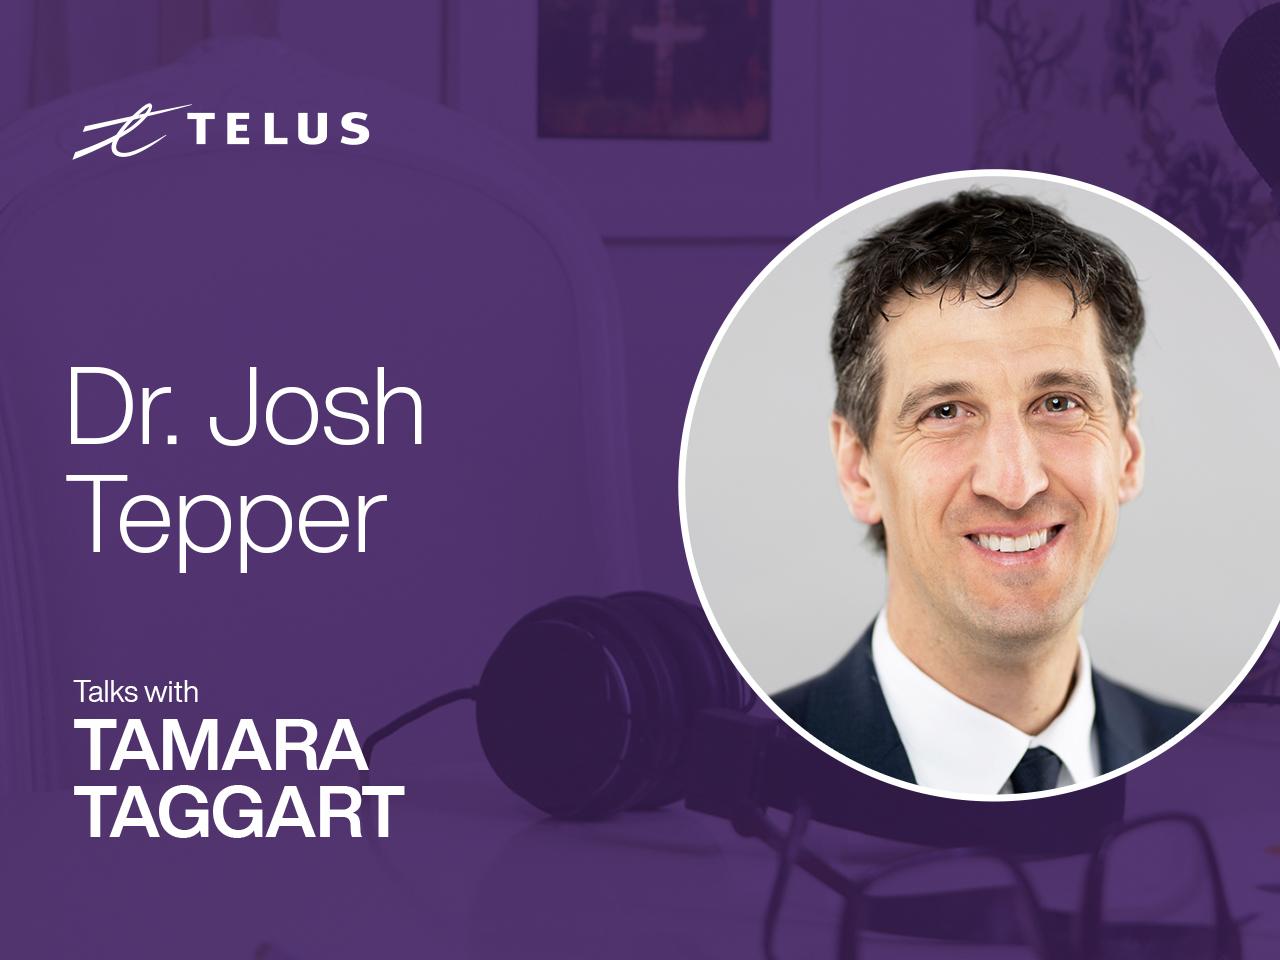 Dr. Joshua Tepper